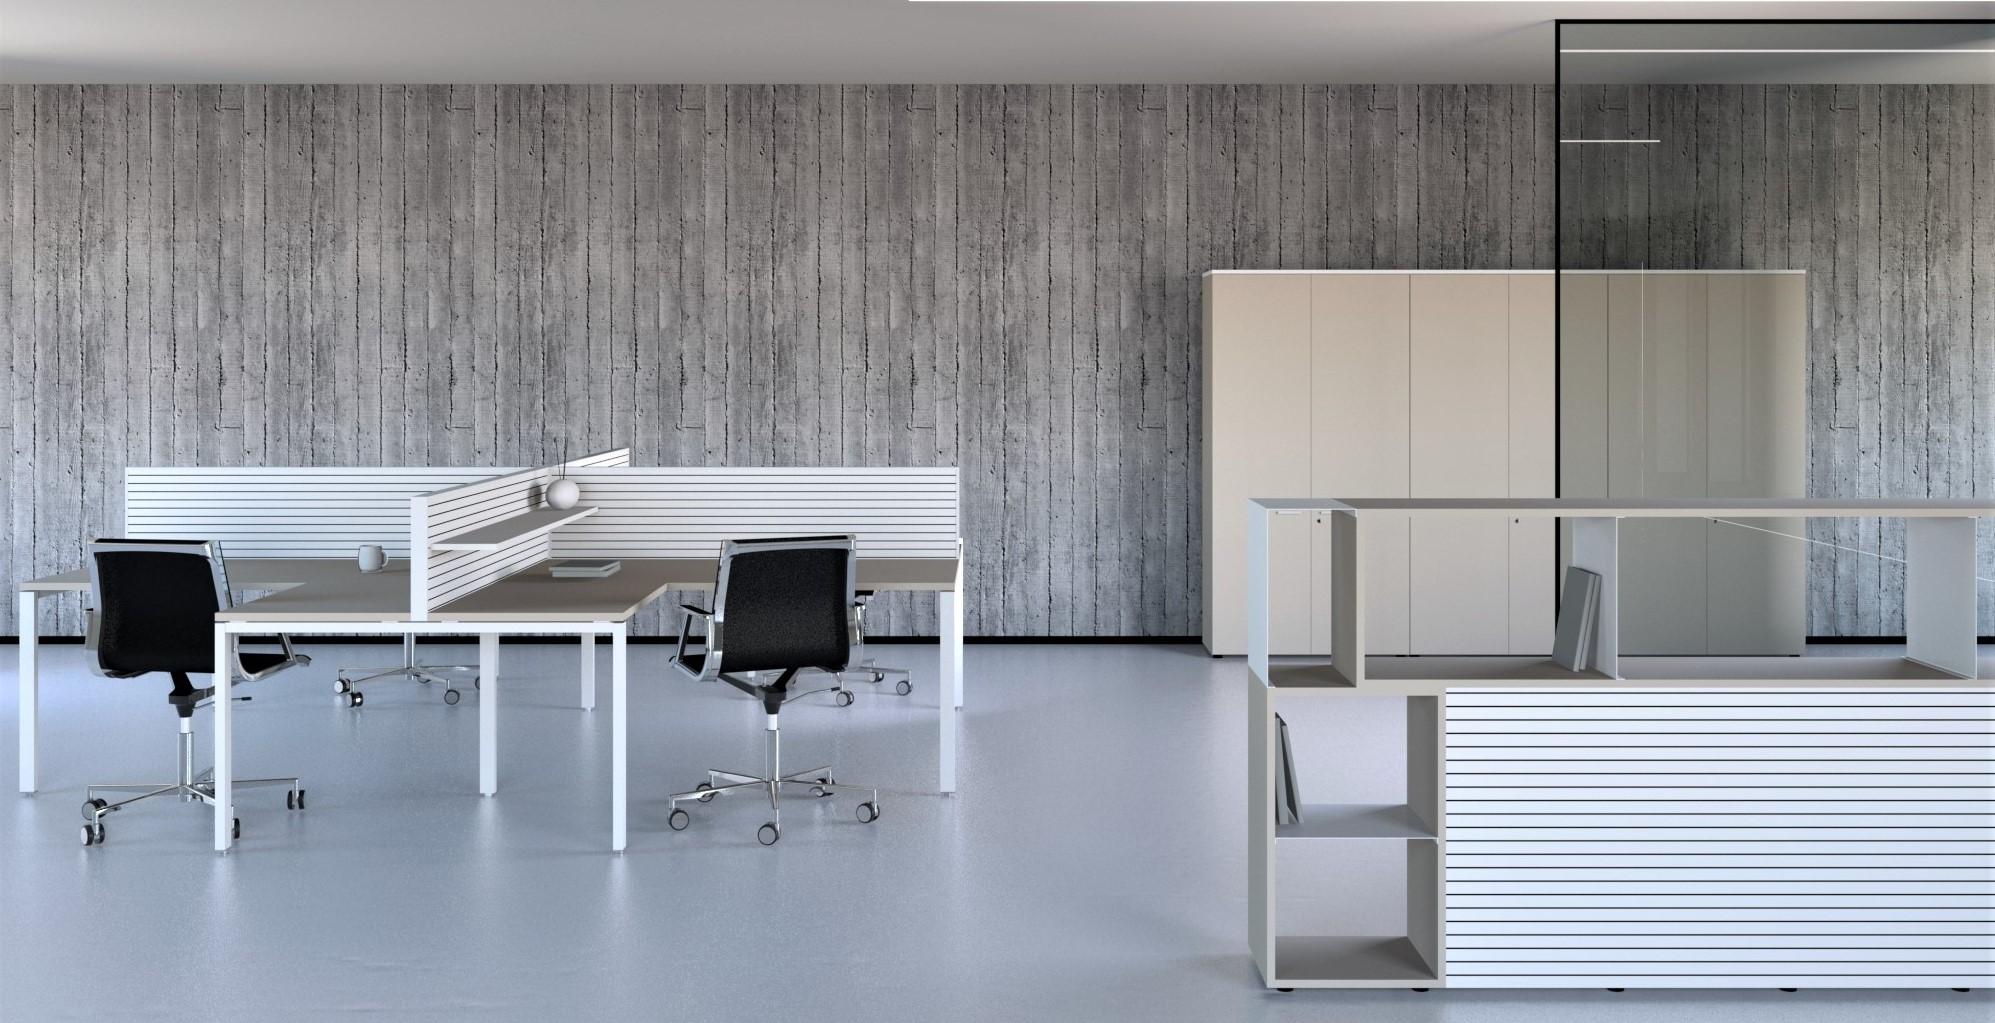 La serie Smart crea spazi operativi dinamici ideali per il moderno ufficio dove il cambiamento è un concetto portante